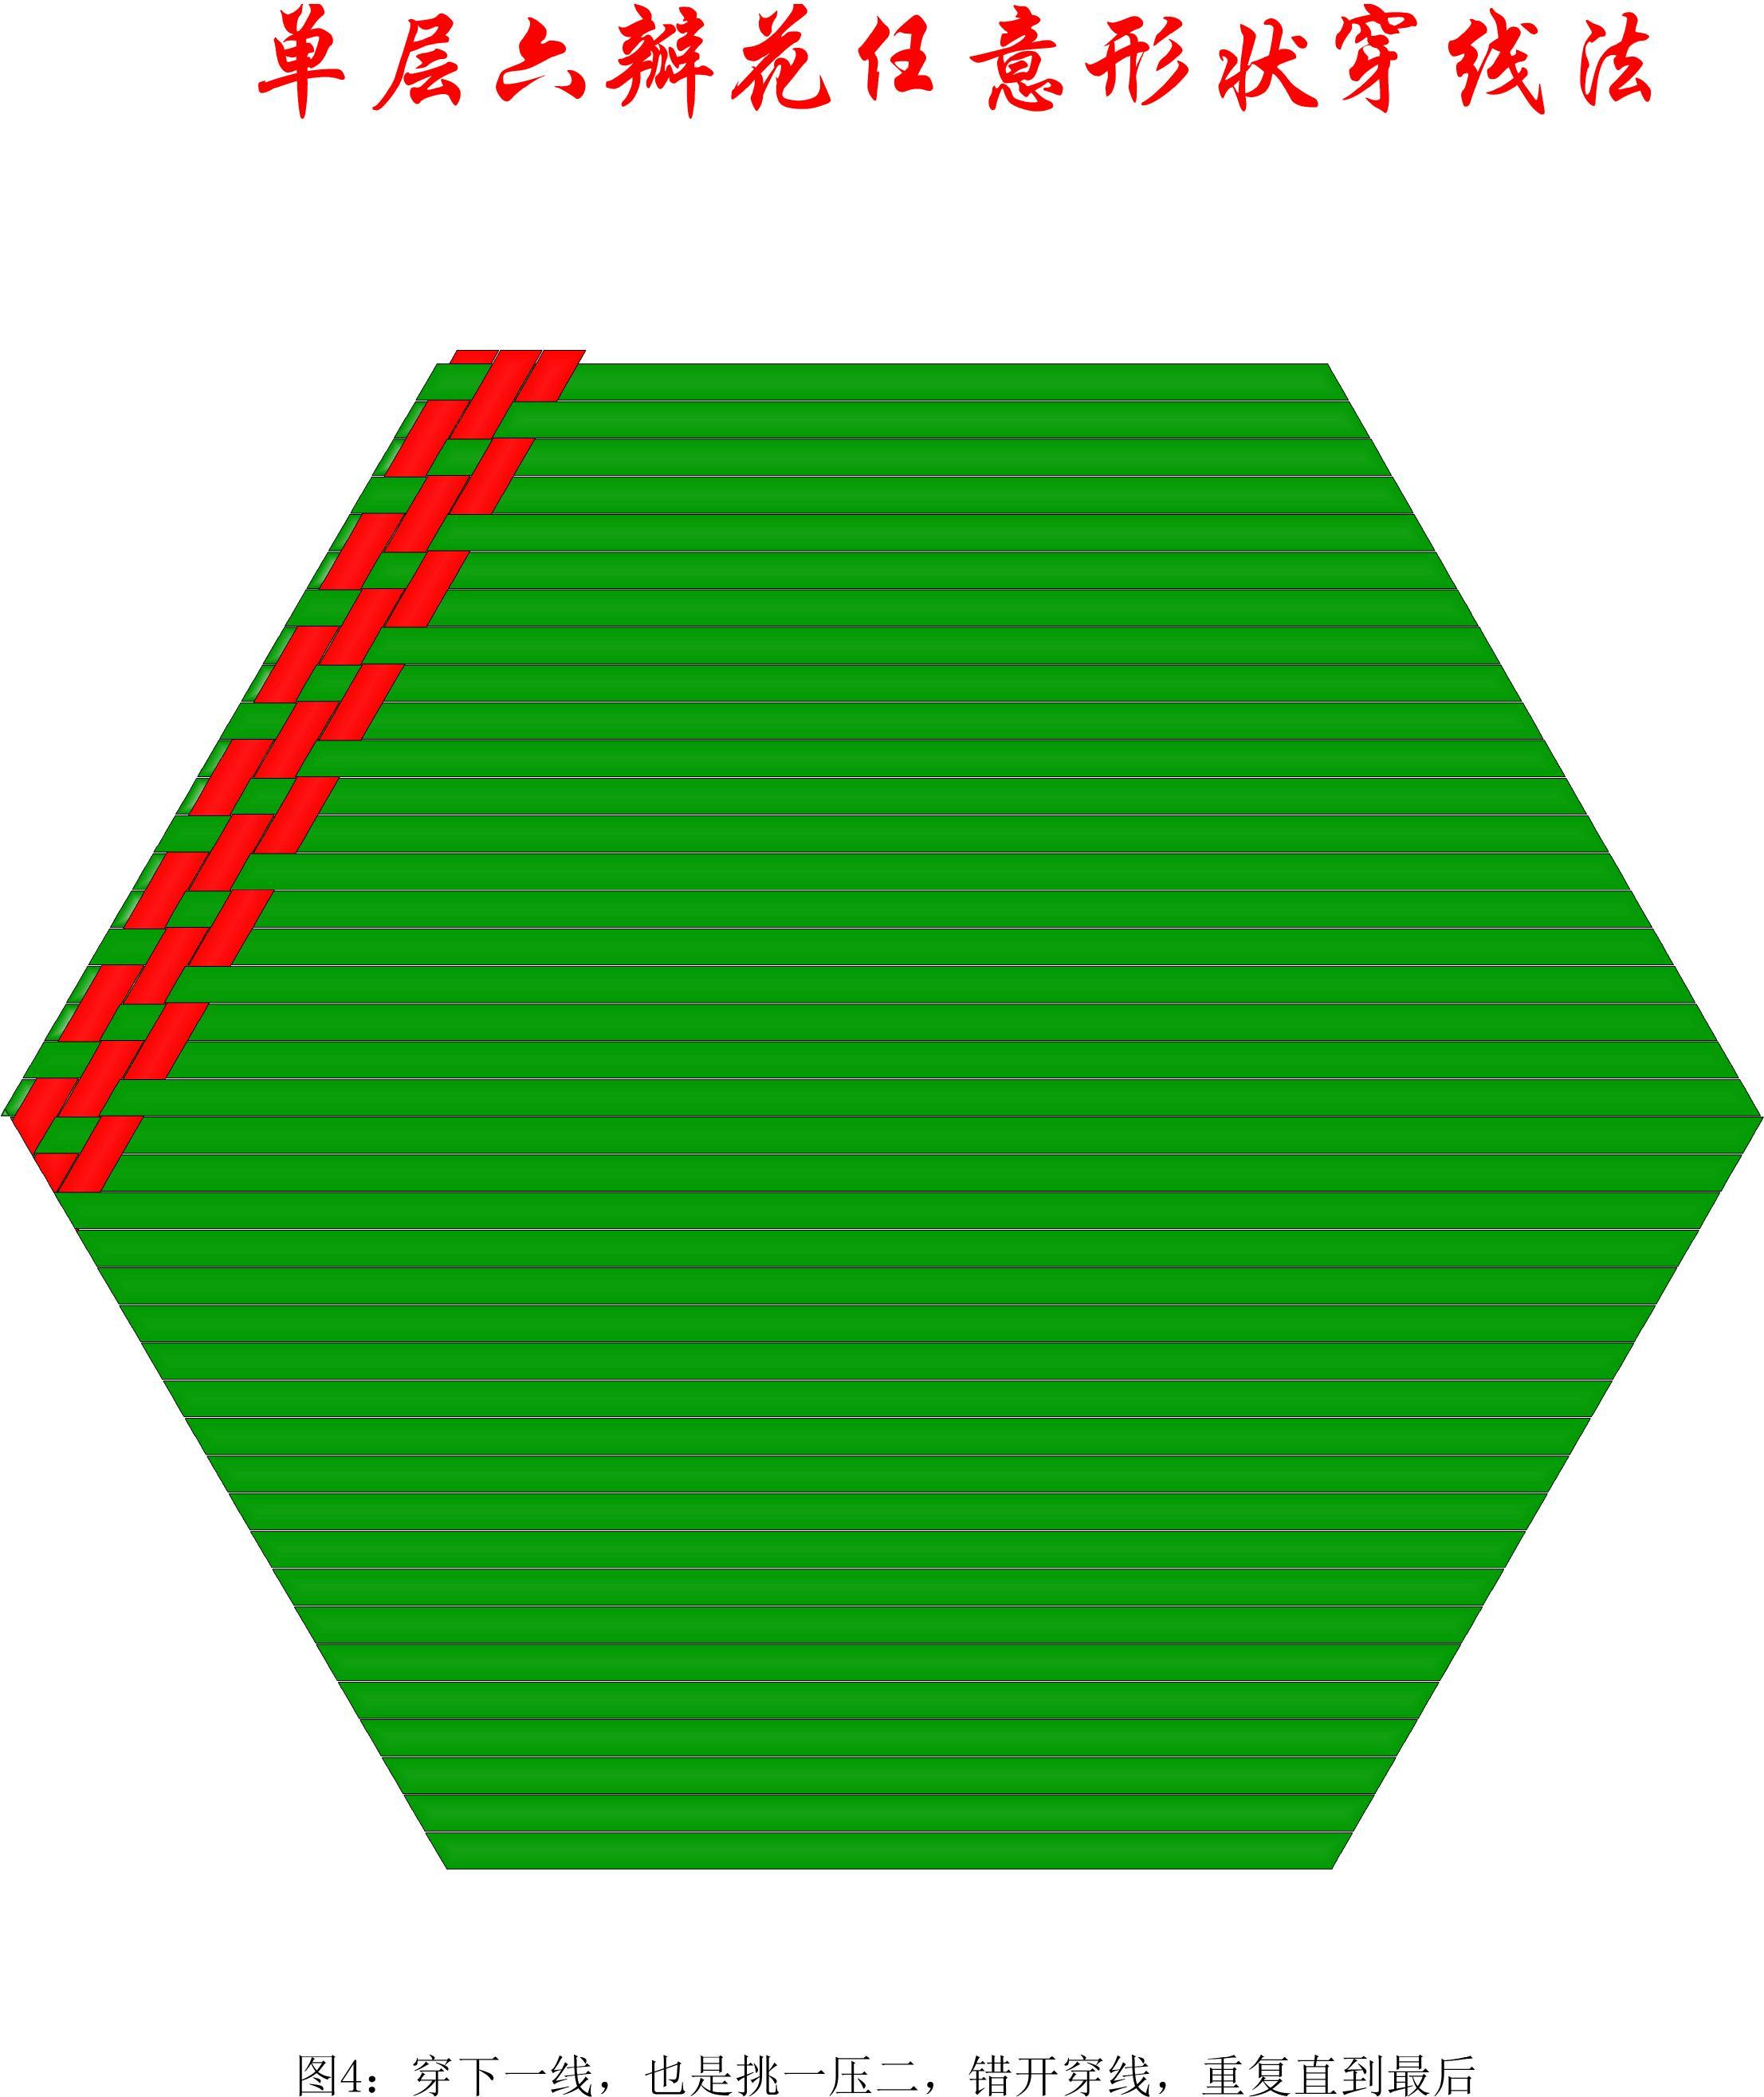 中国结论坛 单层叠压六瓣花任意形状穿线方法 1264,盘长结 丑丑徒手编结 200903uodngfb7fhv04mbi